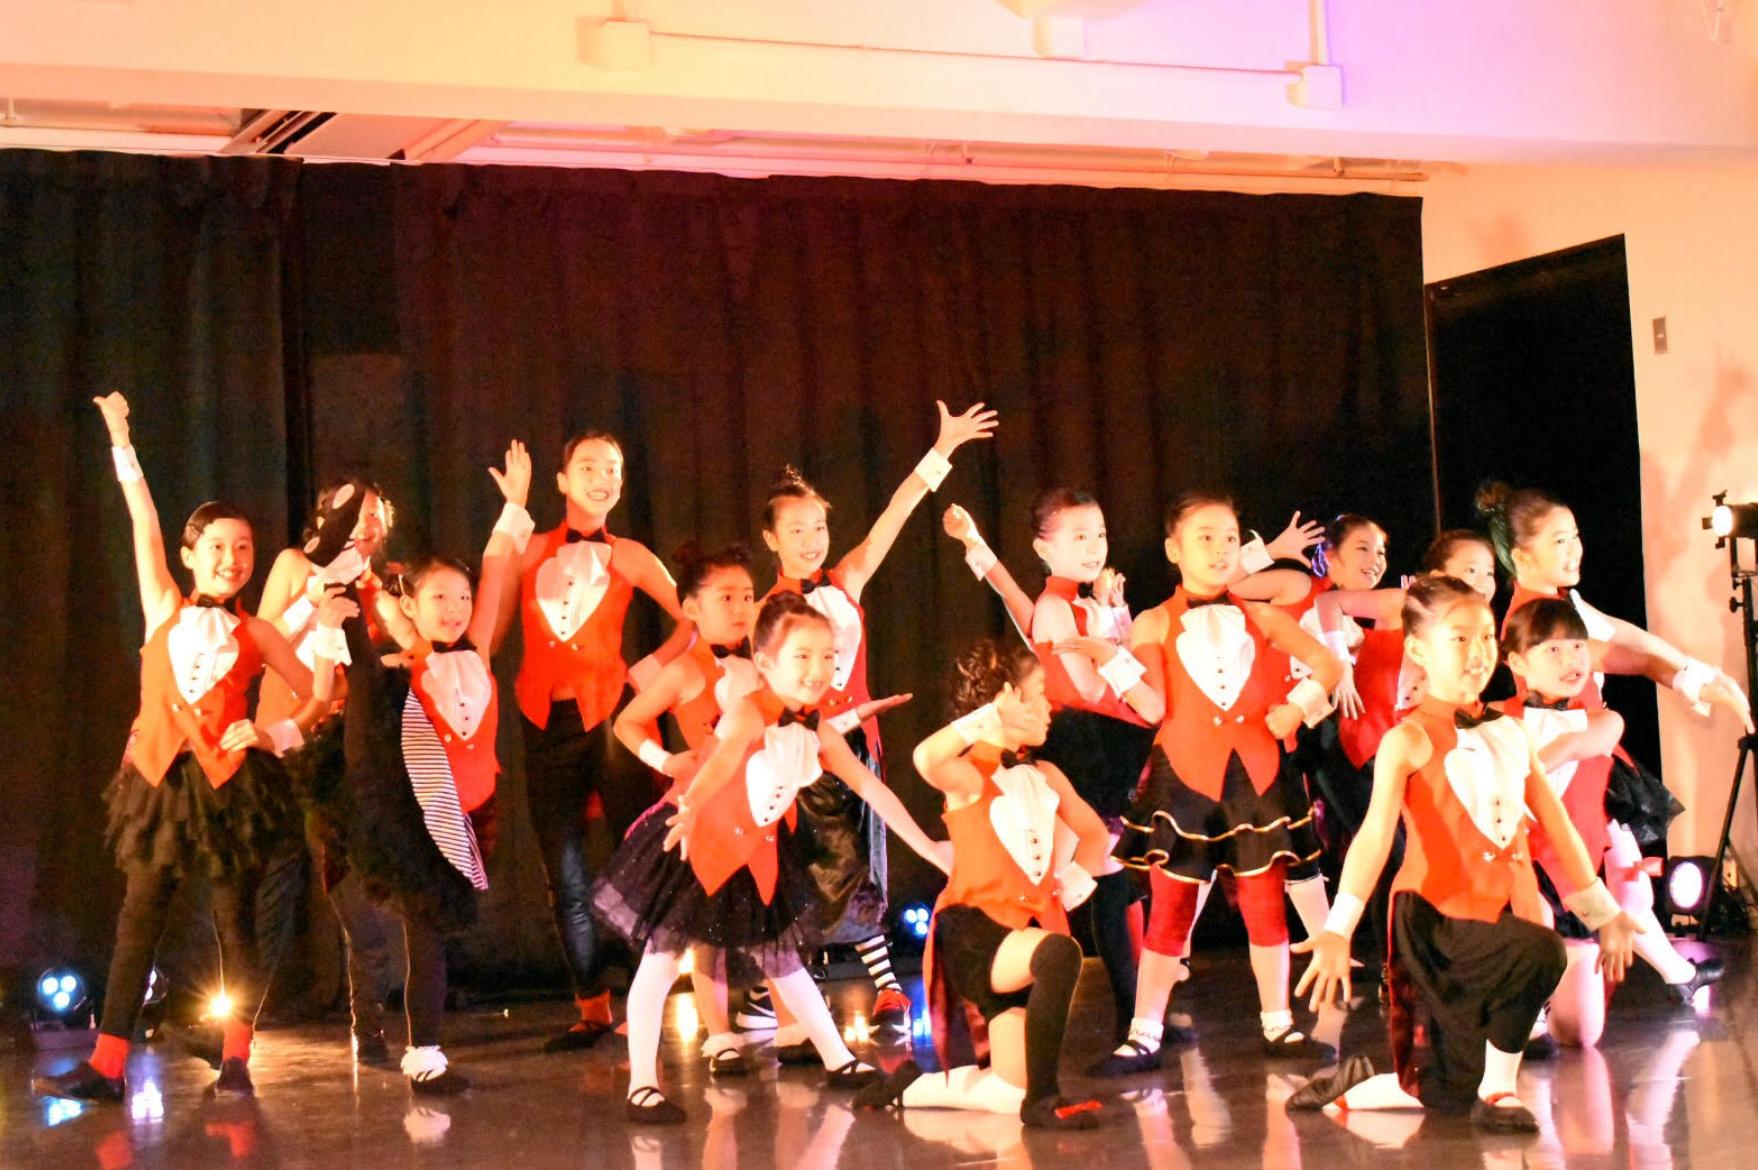 DANCE LABは新たな発見や経験のできるイベント